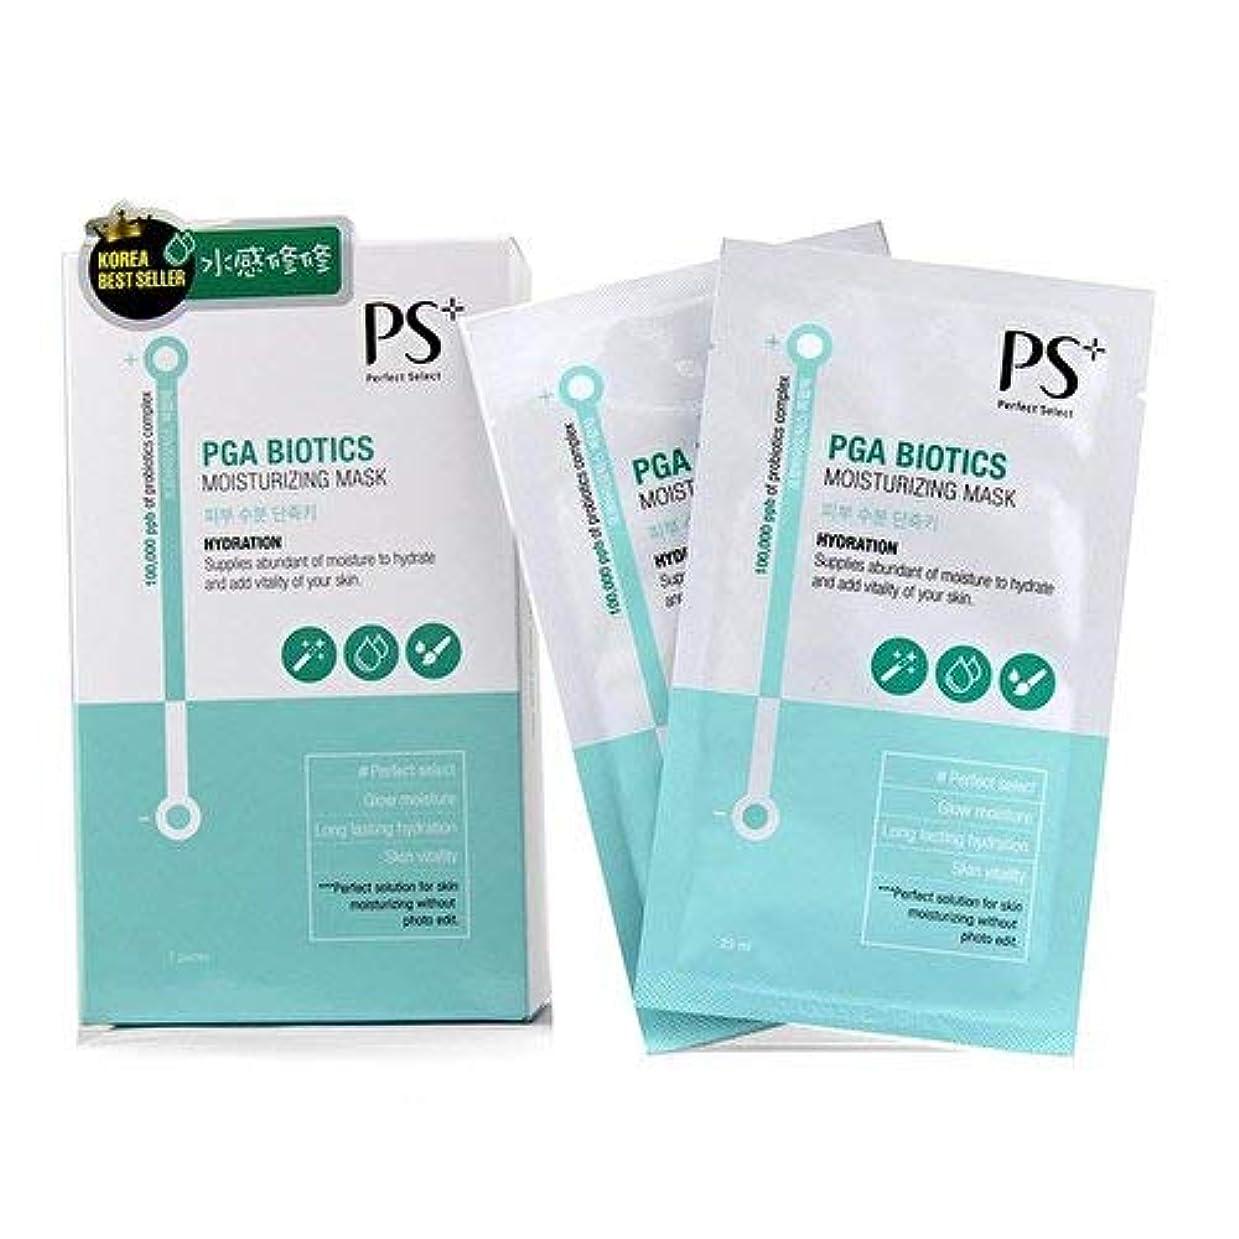 ソファーカラス専らPS Perfect Select PGA Biotics Moisturizing Mask - Hydration 7pcs並行輸入品